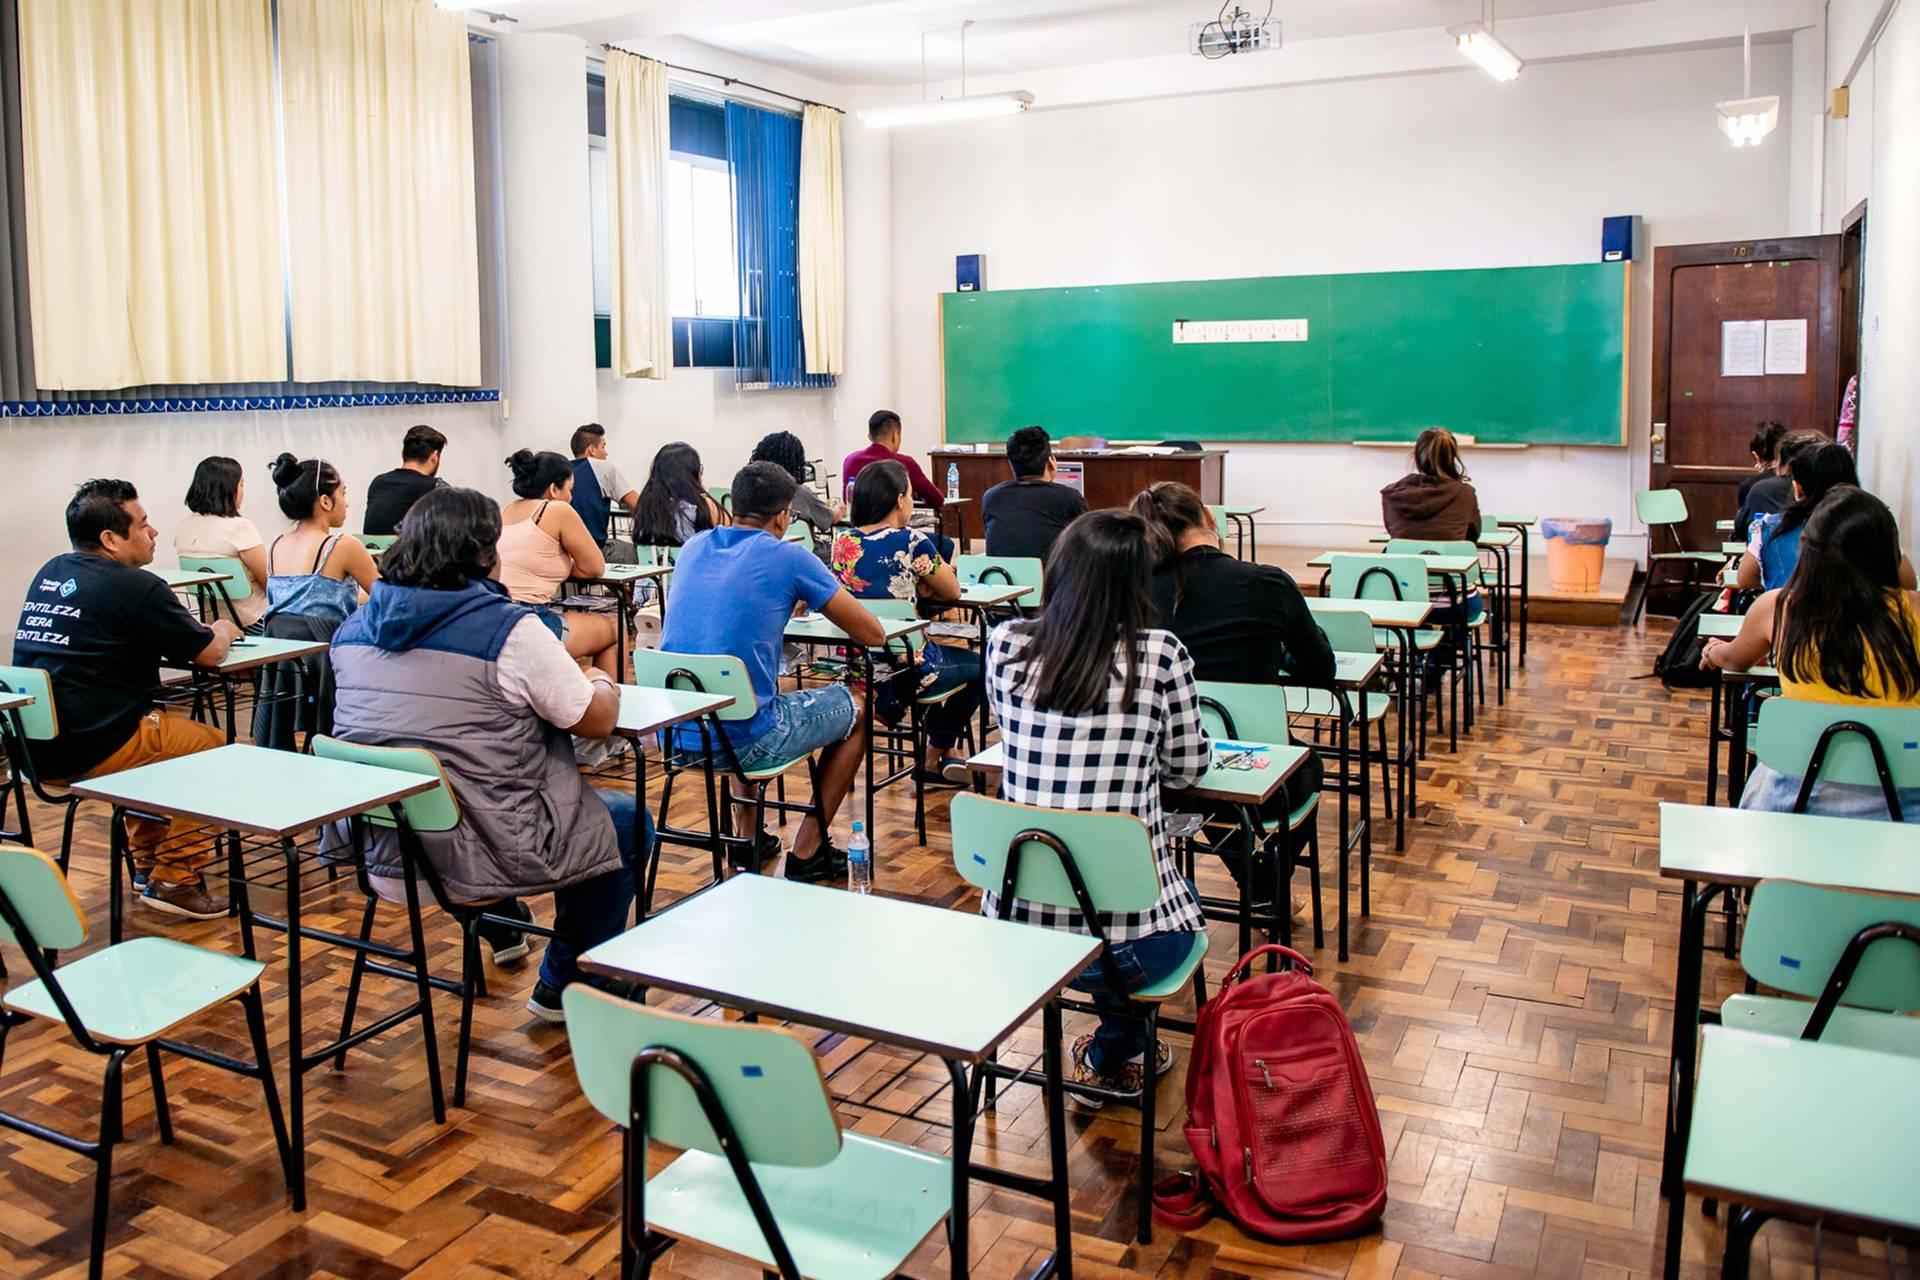 Eles concorrem a 52 vagas, sendo seis em cada uma das sete universidades estaduais (UEL, UEM, UEPG, Unicentro, Unioeste, UENP e Unespar) e dez na Universidade Federal do Paraná.